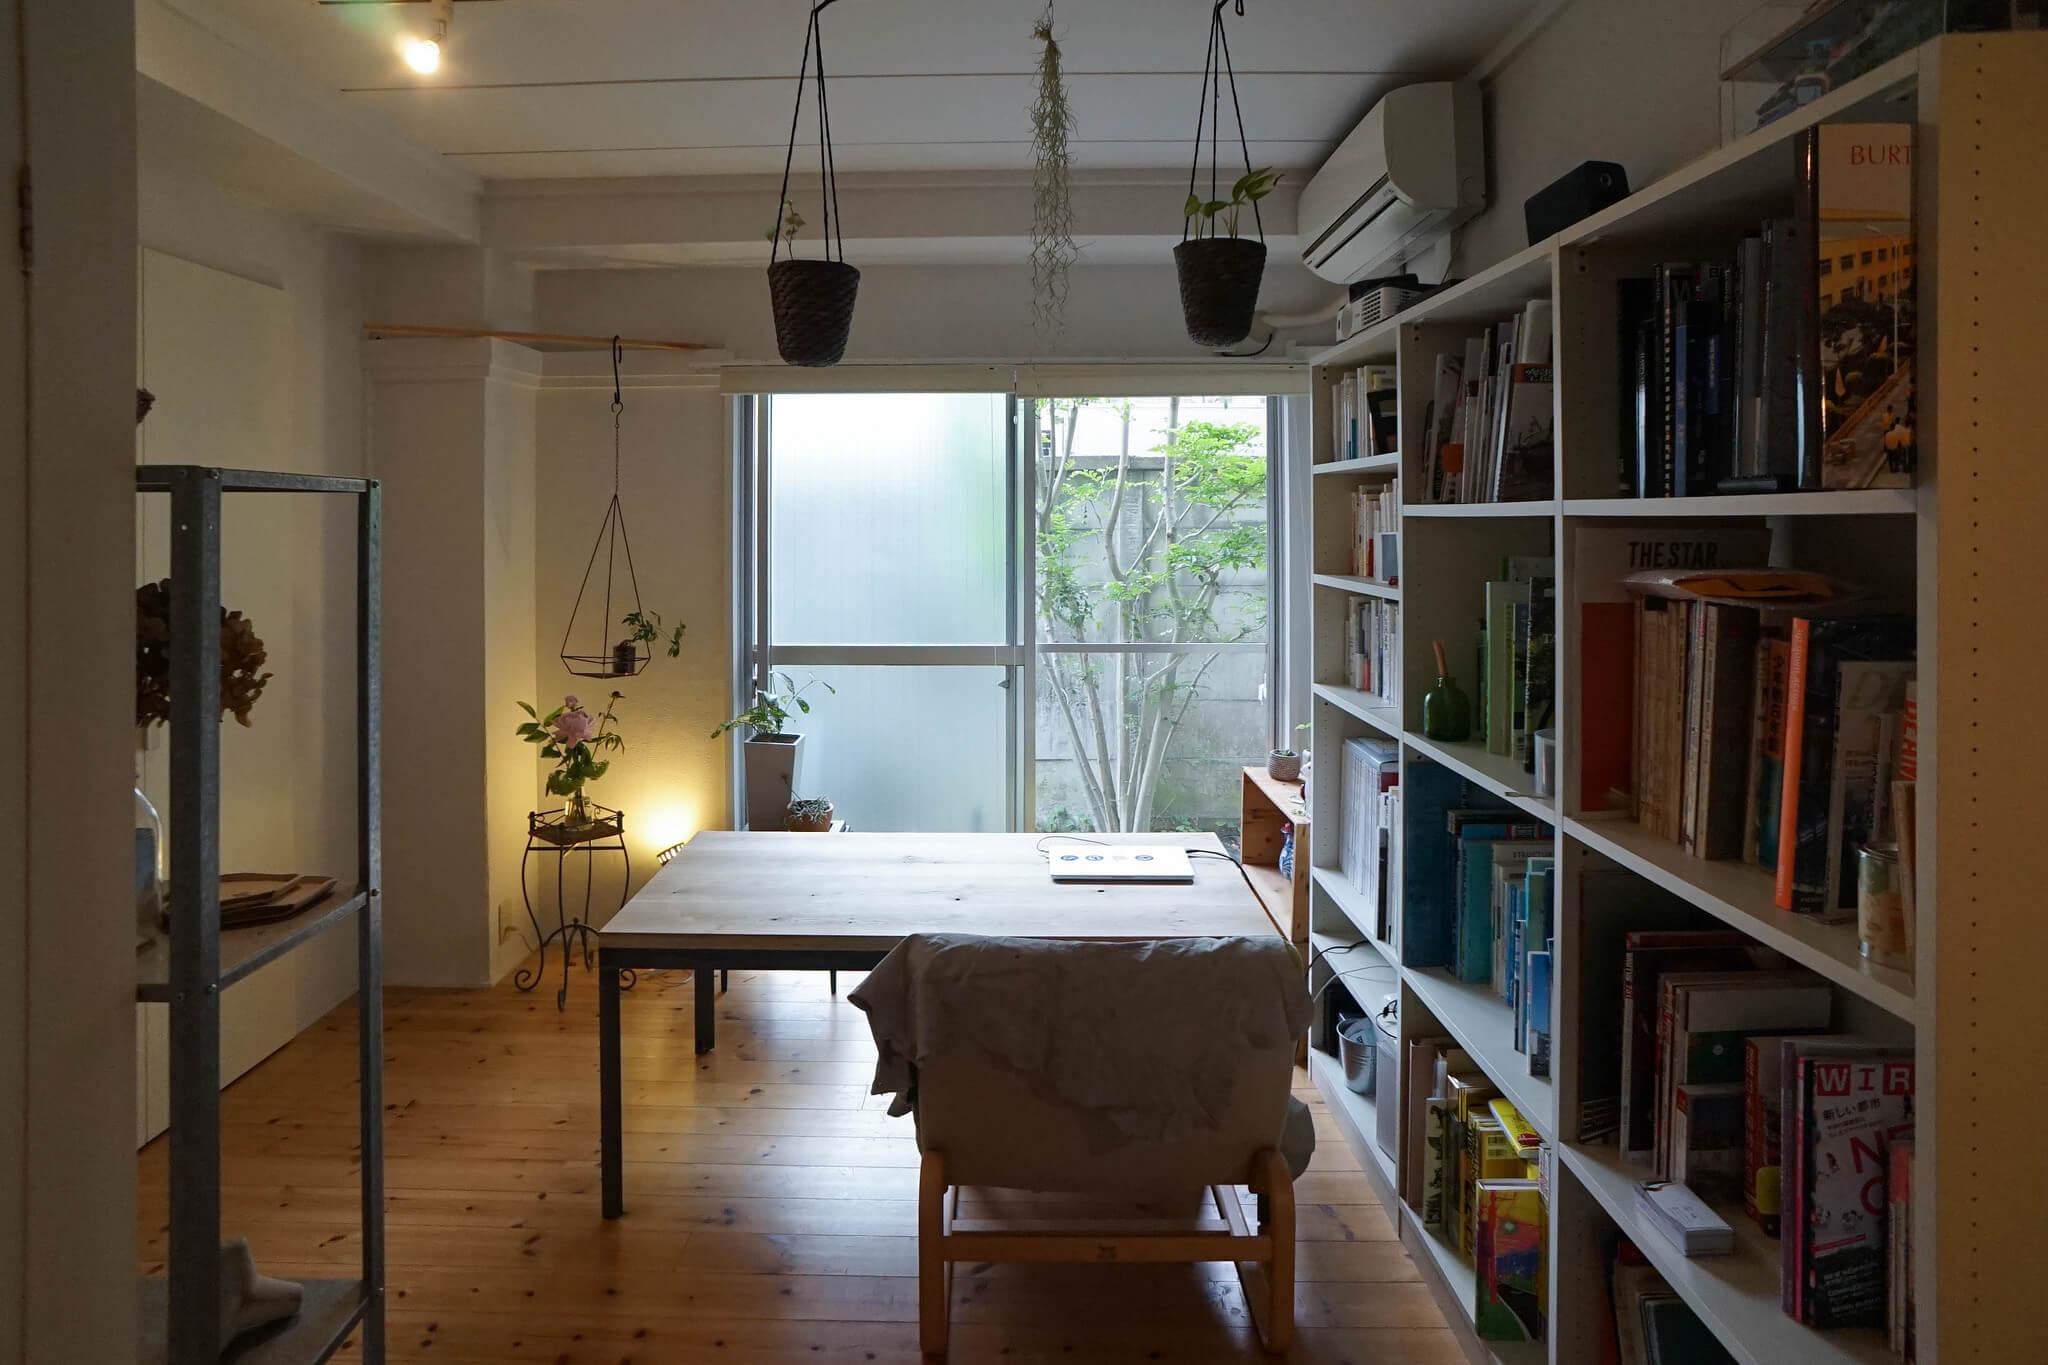 これはまだ、シェアハウスで暮らす前、一人暮らしをしていた頃の部屋。本や雑貨など、「人より荷物多め」だと自覚しています。